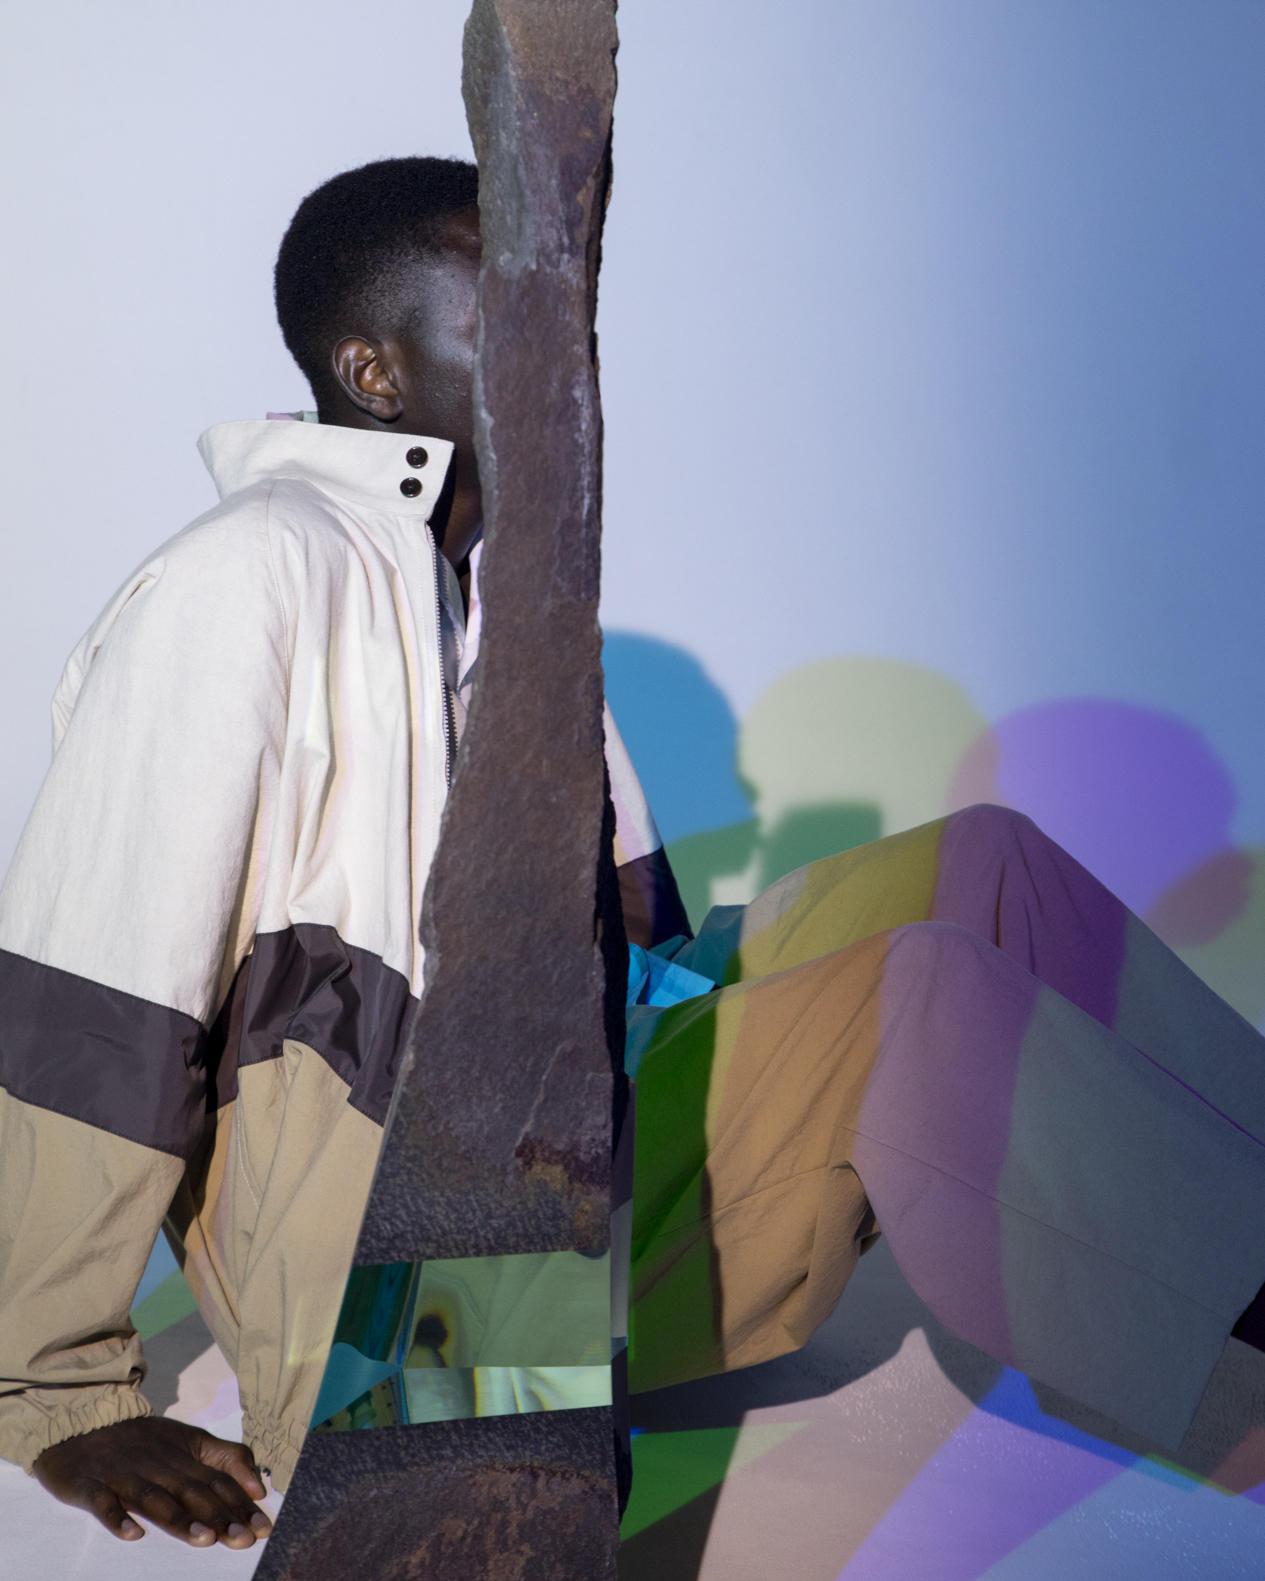 【藤堂 ✕ Kuon】 NewYork Fashion weekでコラボしました。